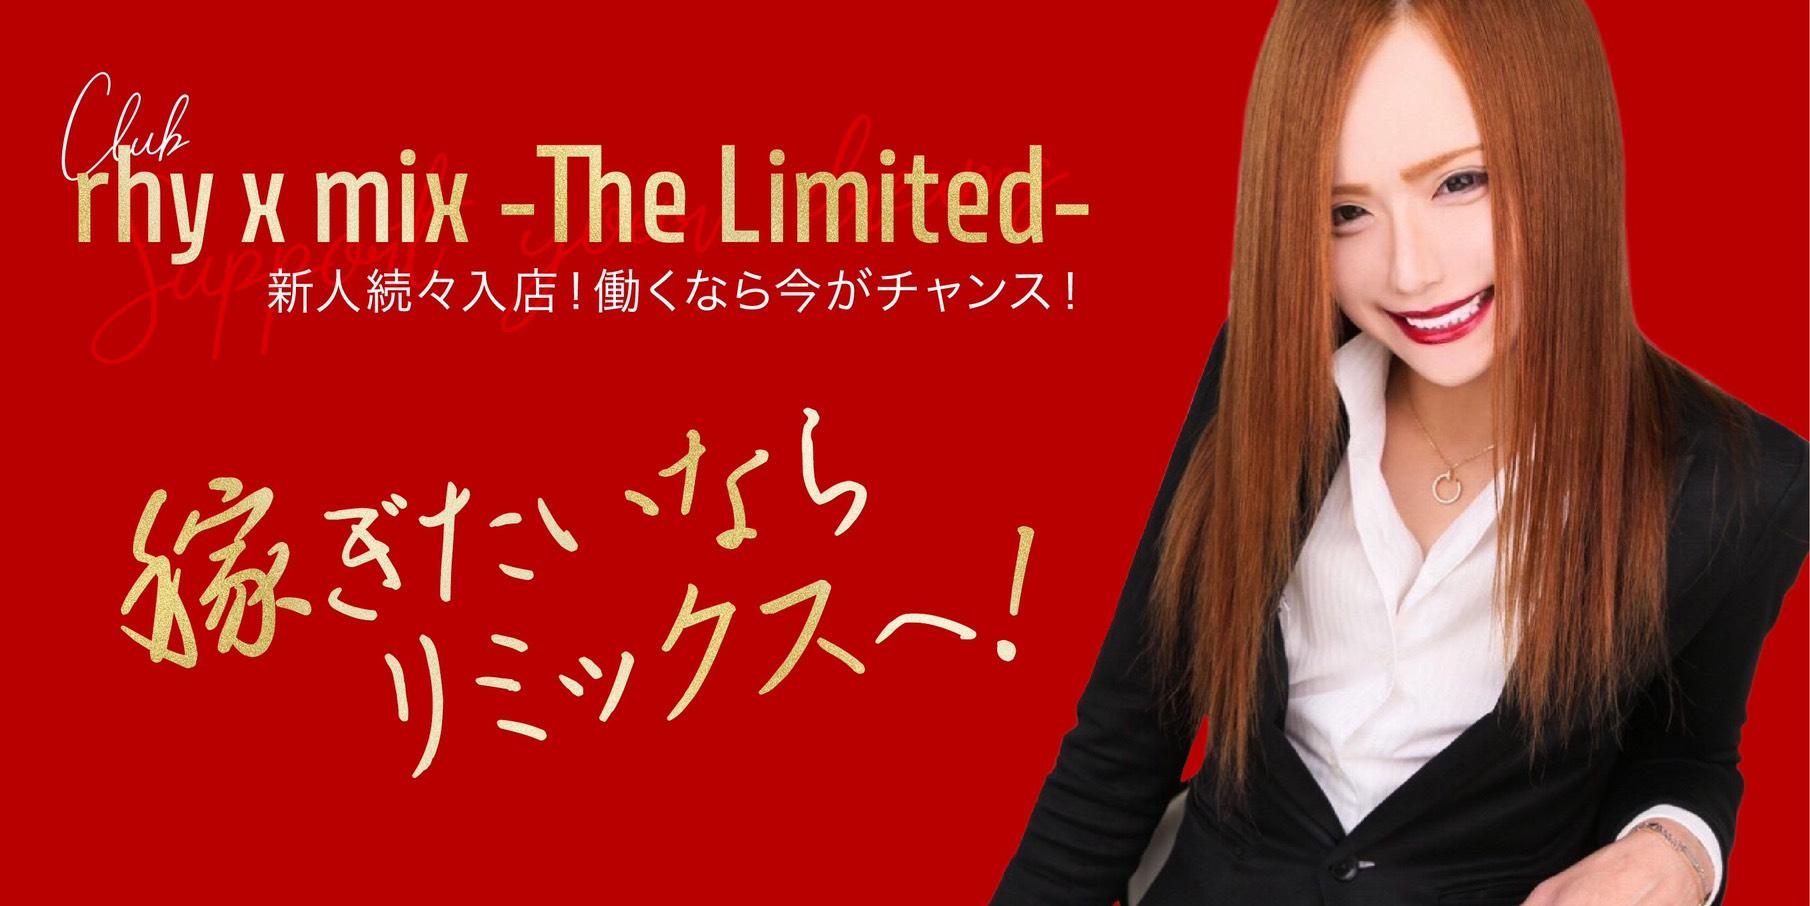 中州ホストクラブrhy x mix -The Limited-の求人宣伝。ホストの枠に留まらない、あなたの夢を応援!